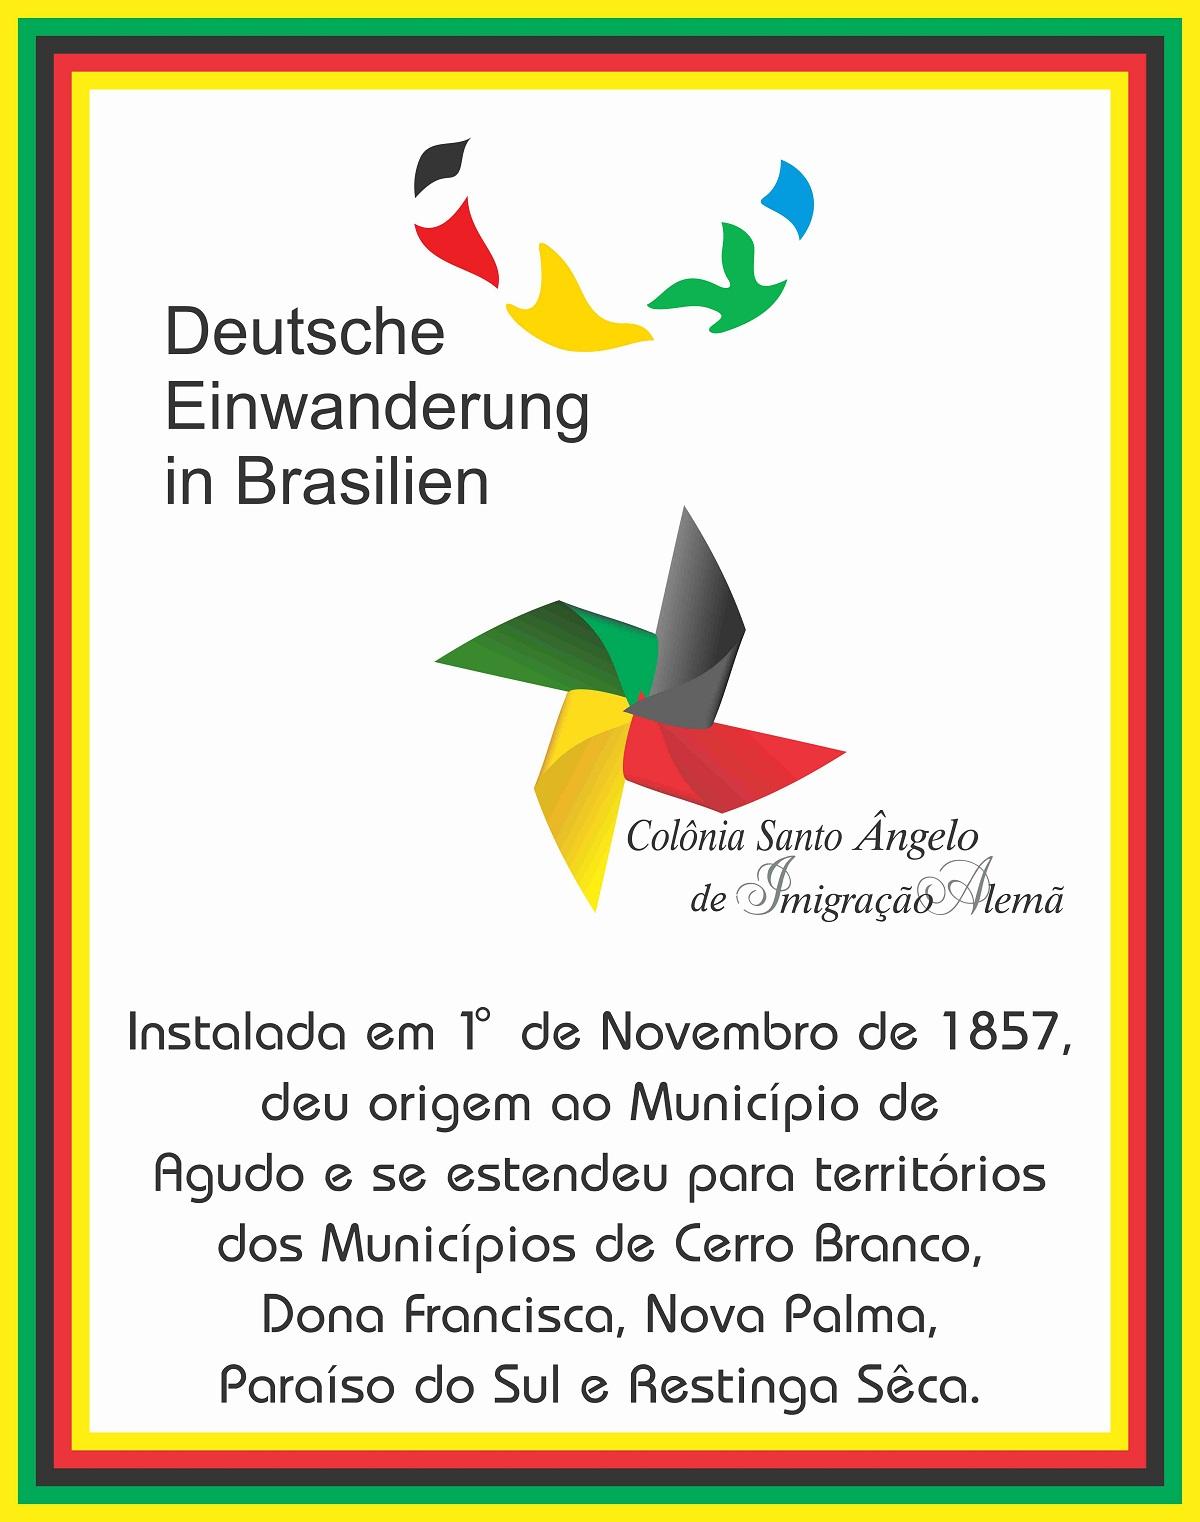 Agudo 051 1200pix IMIGRAÇÃO ALEMÃ banner